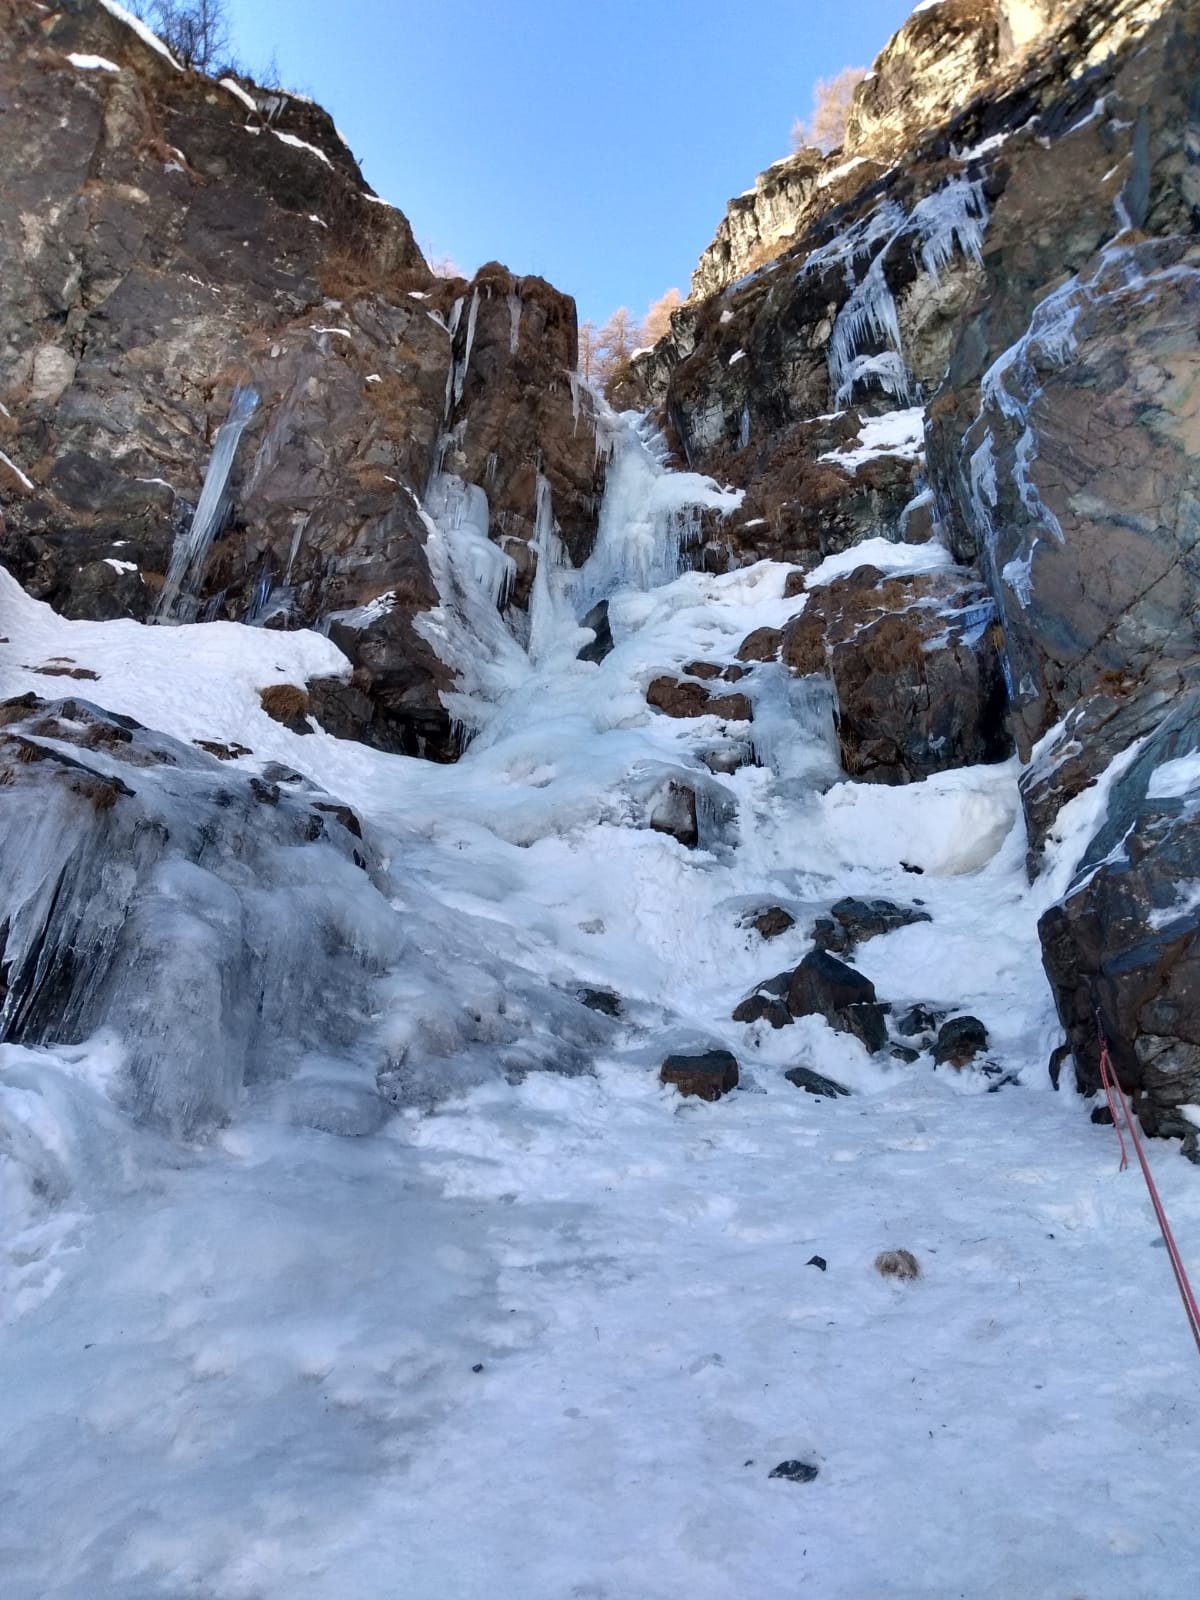 Terzo tiro, poco ghiaccio e molti buchi...